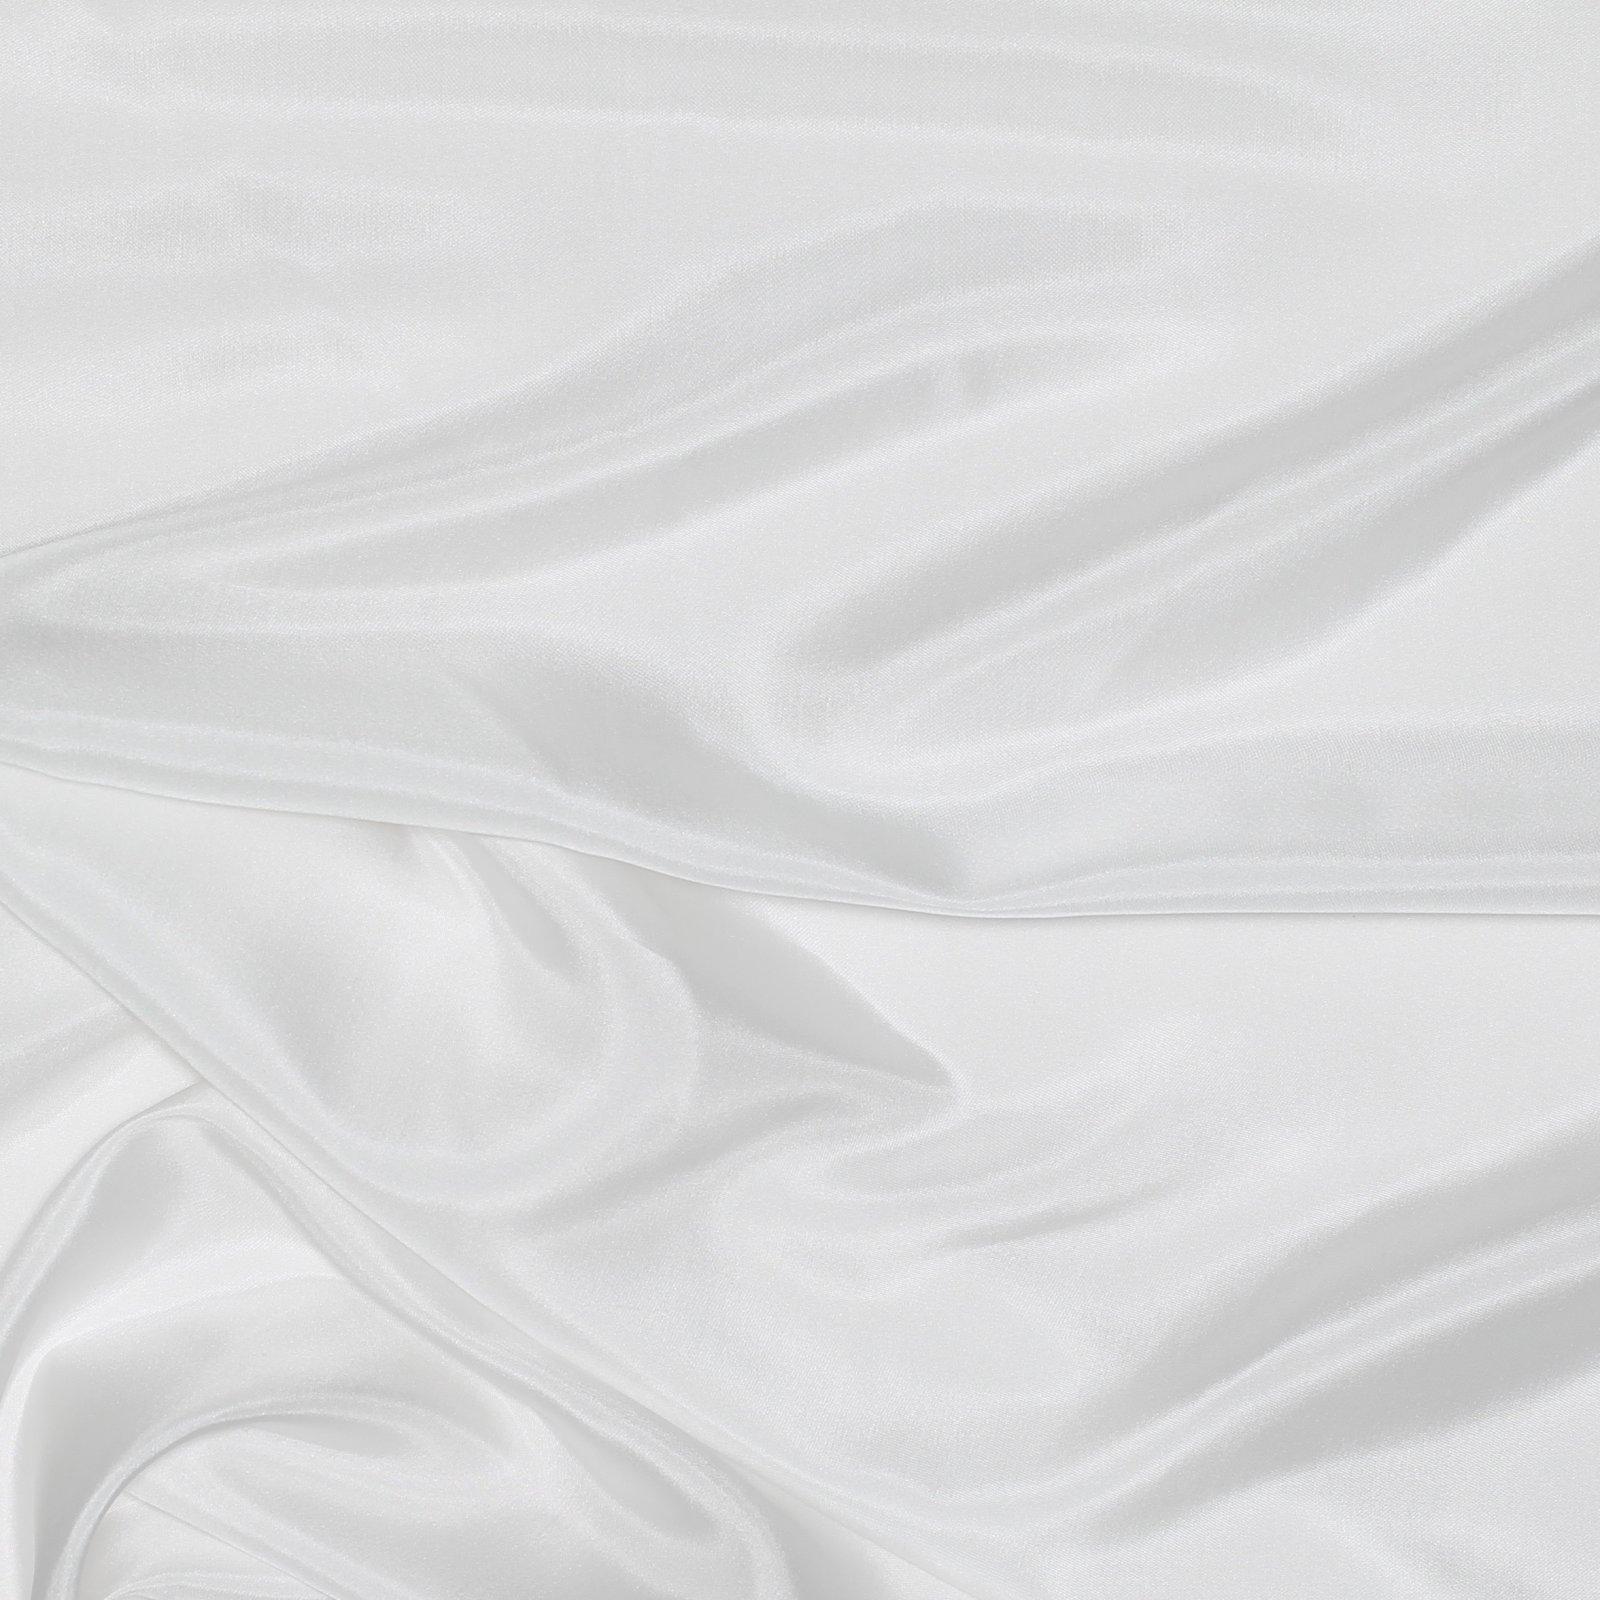 HABOTAI/CHINA SILK 10MM WHITE